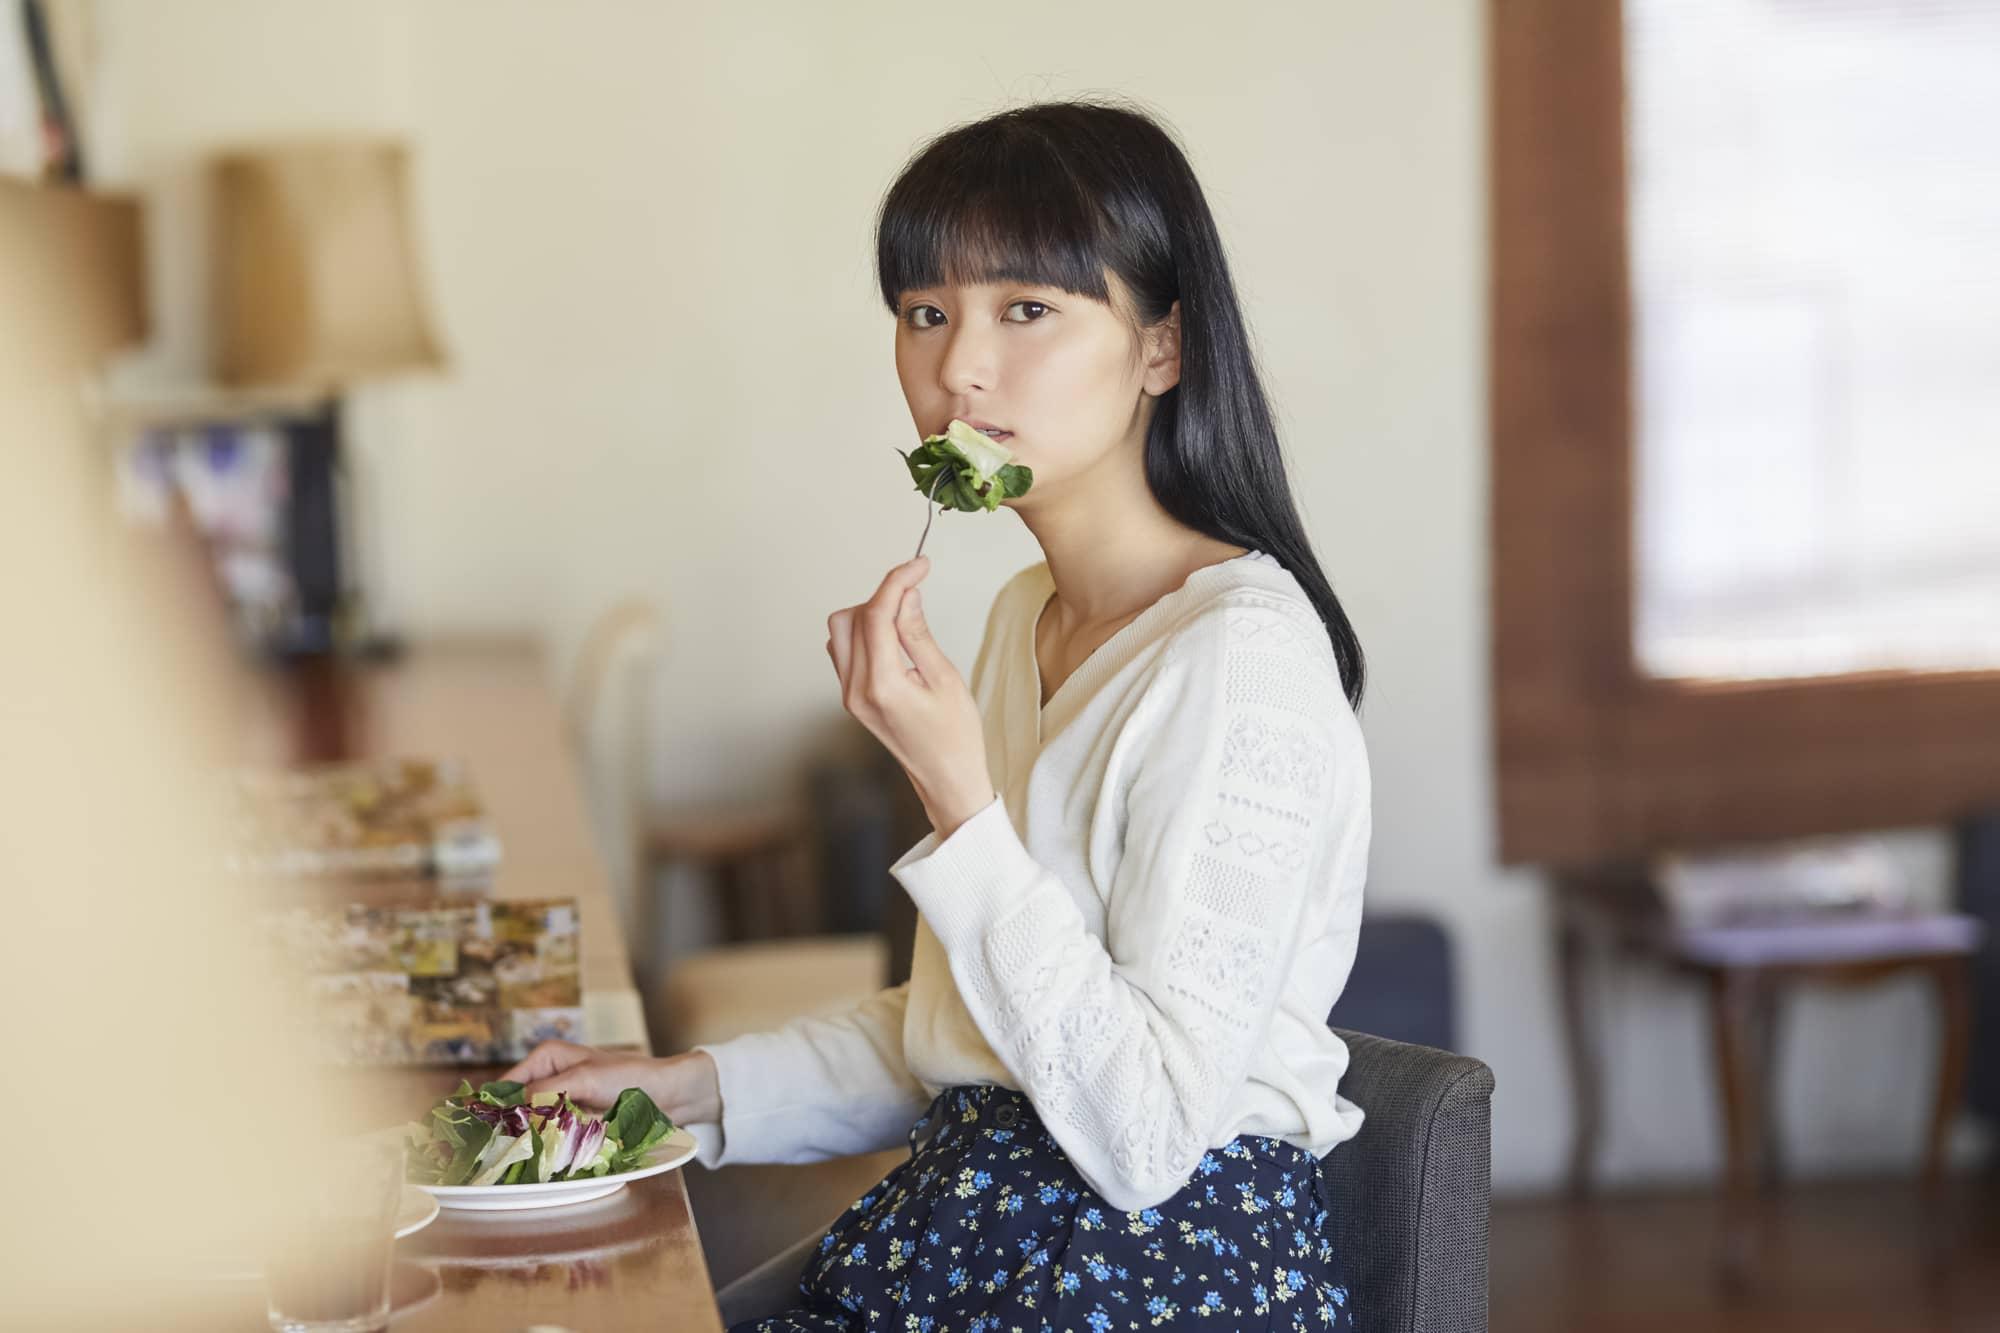 人はなぜ食べるのか? 「食べる」の意味を考えるヒント本5選